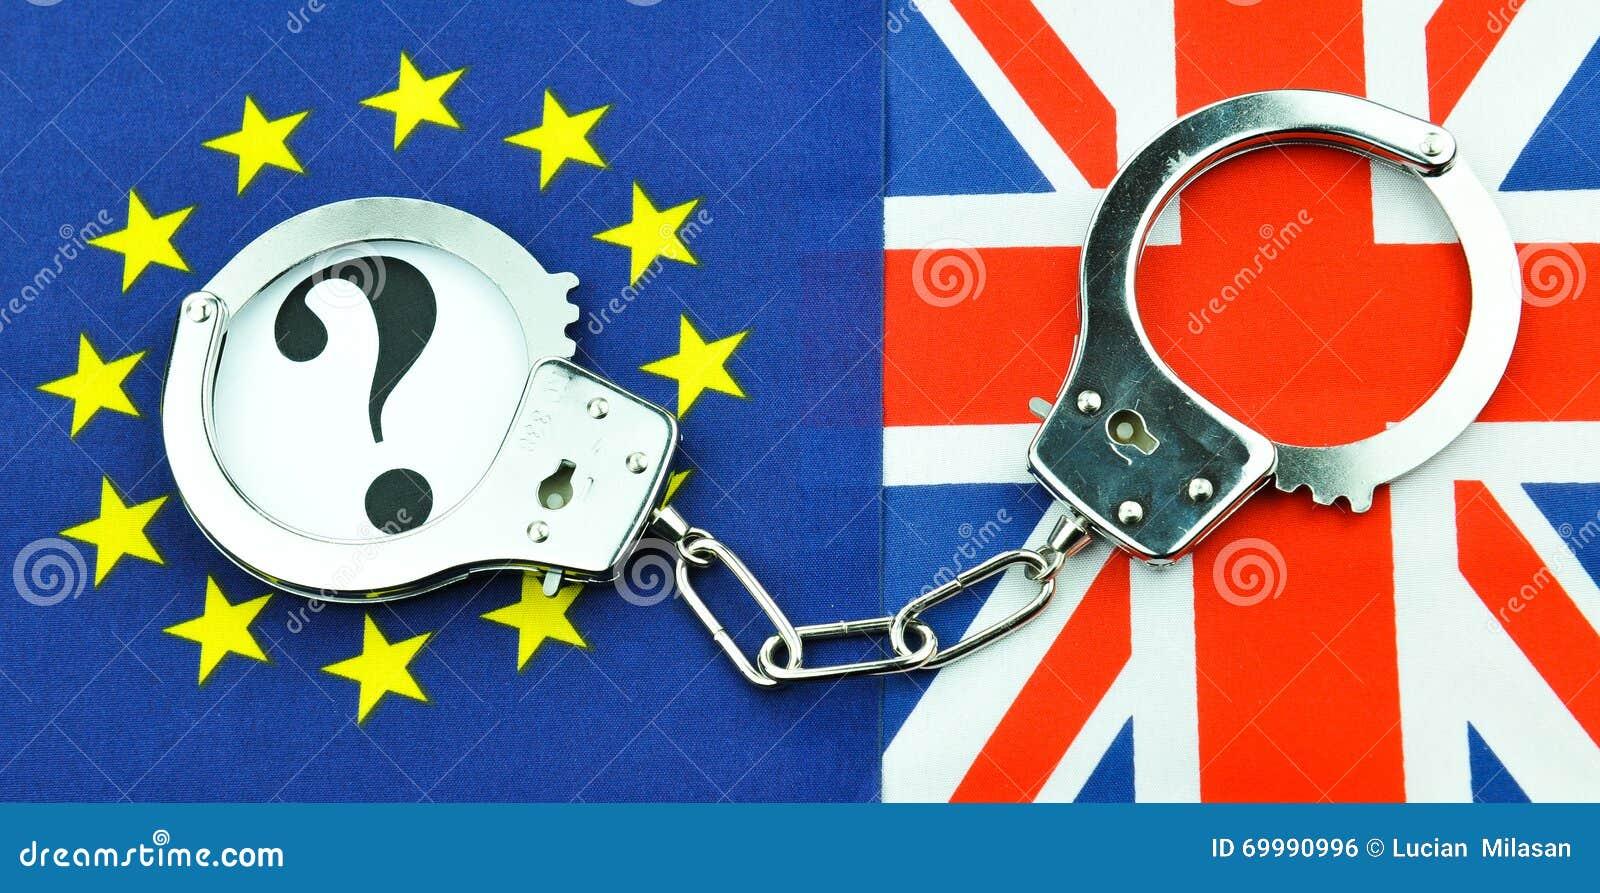 Brexit referendum concept